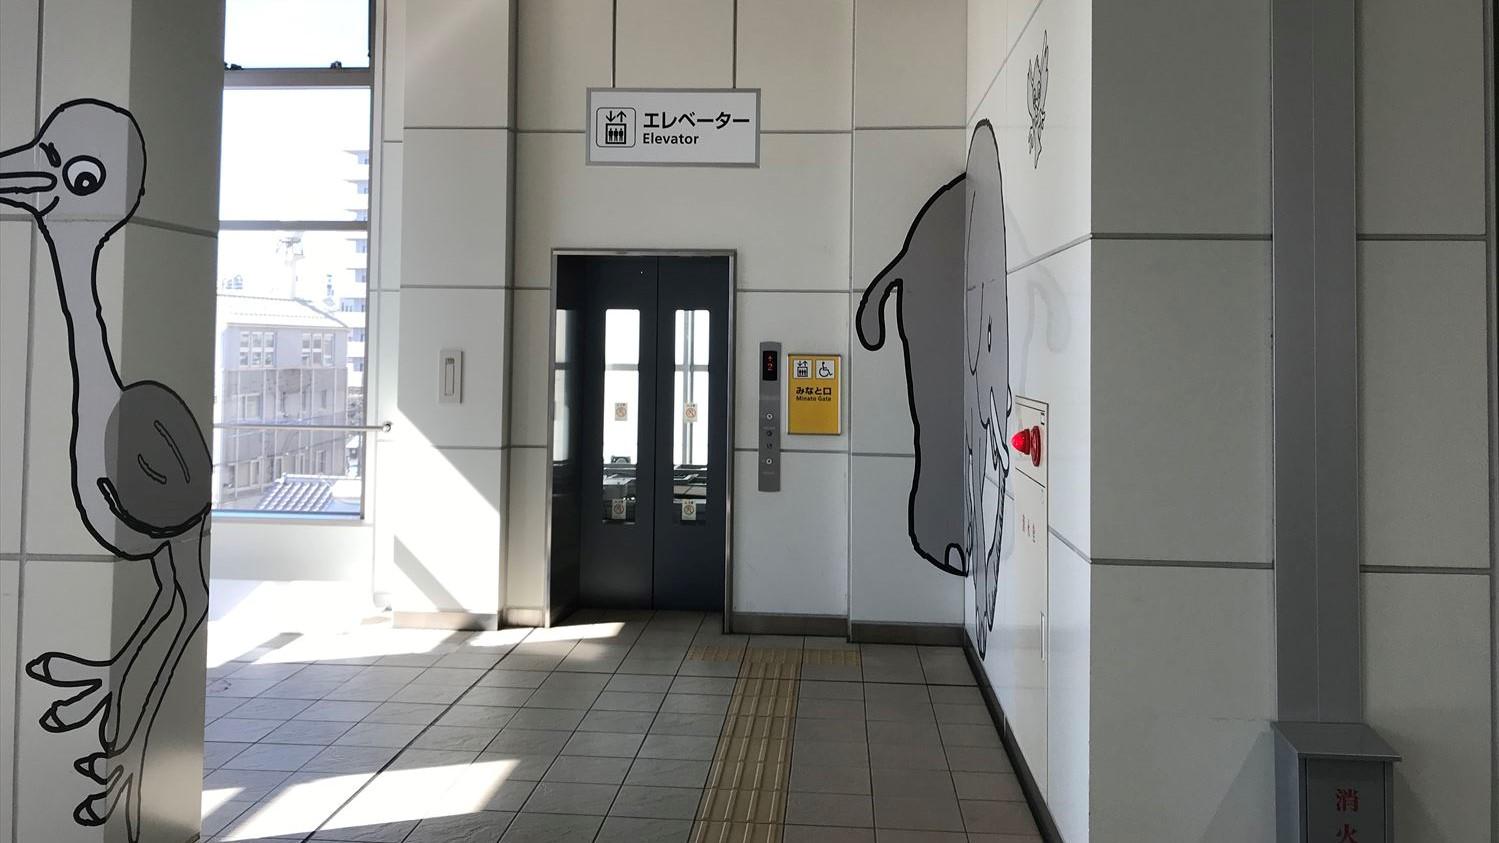 徳山駅みなと口エレベーター